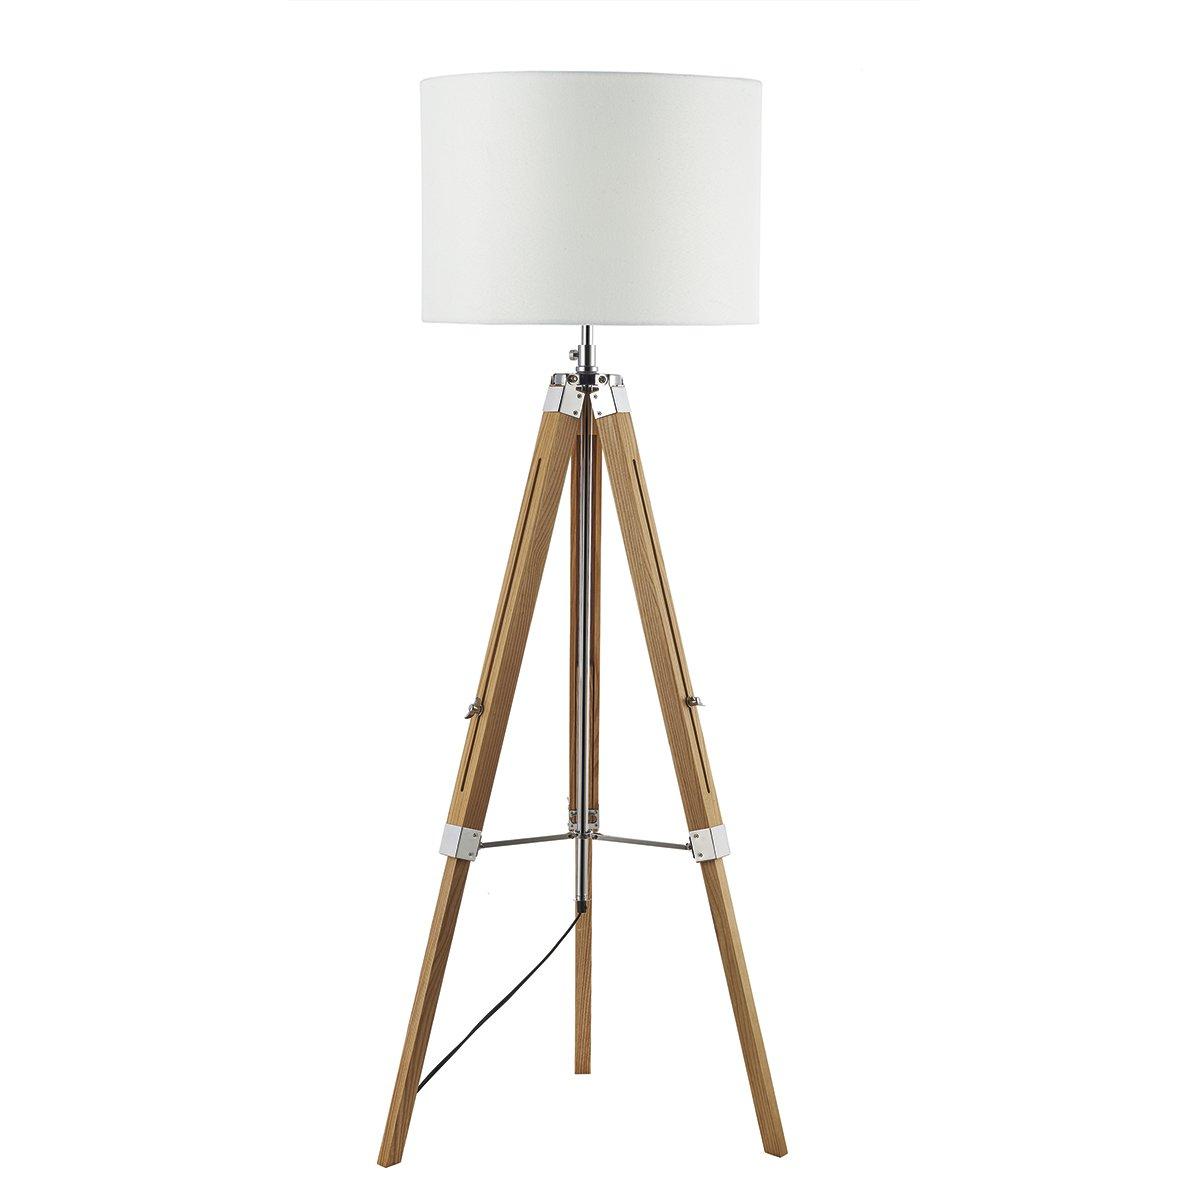 Dar Easel Tripod Floor Lamp Base Only At Barnitts Online Store Uk Barnitts